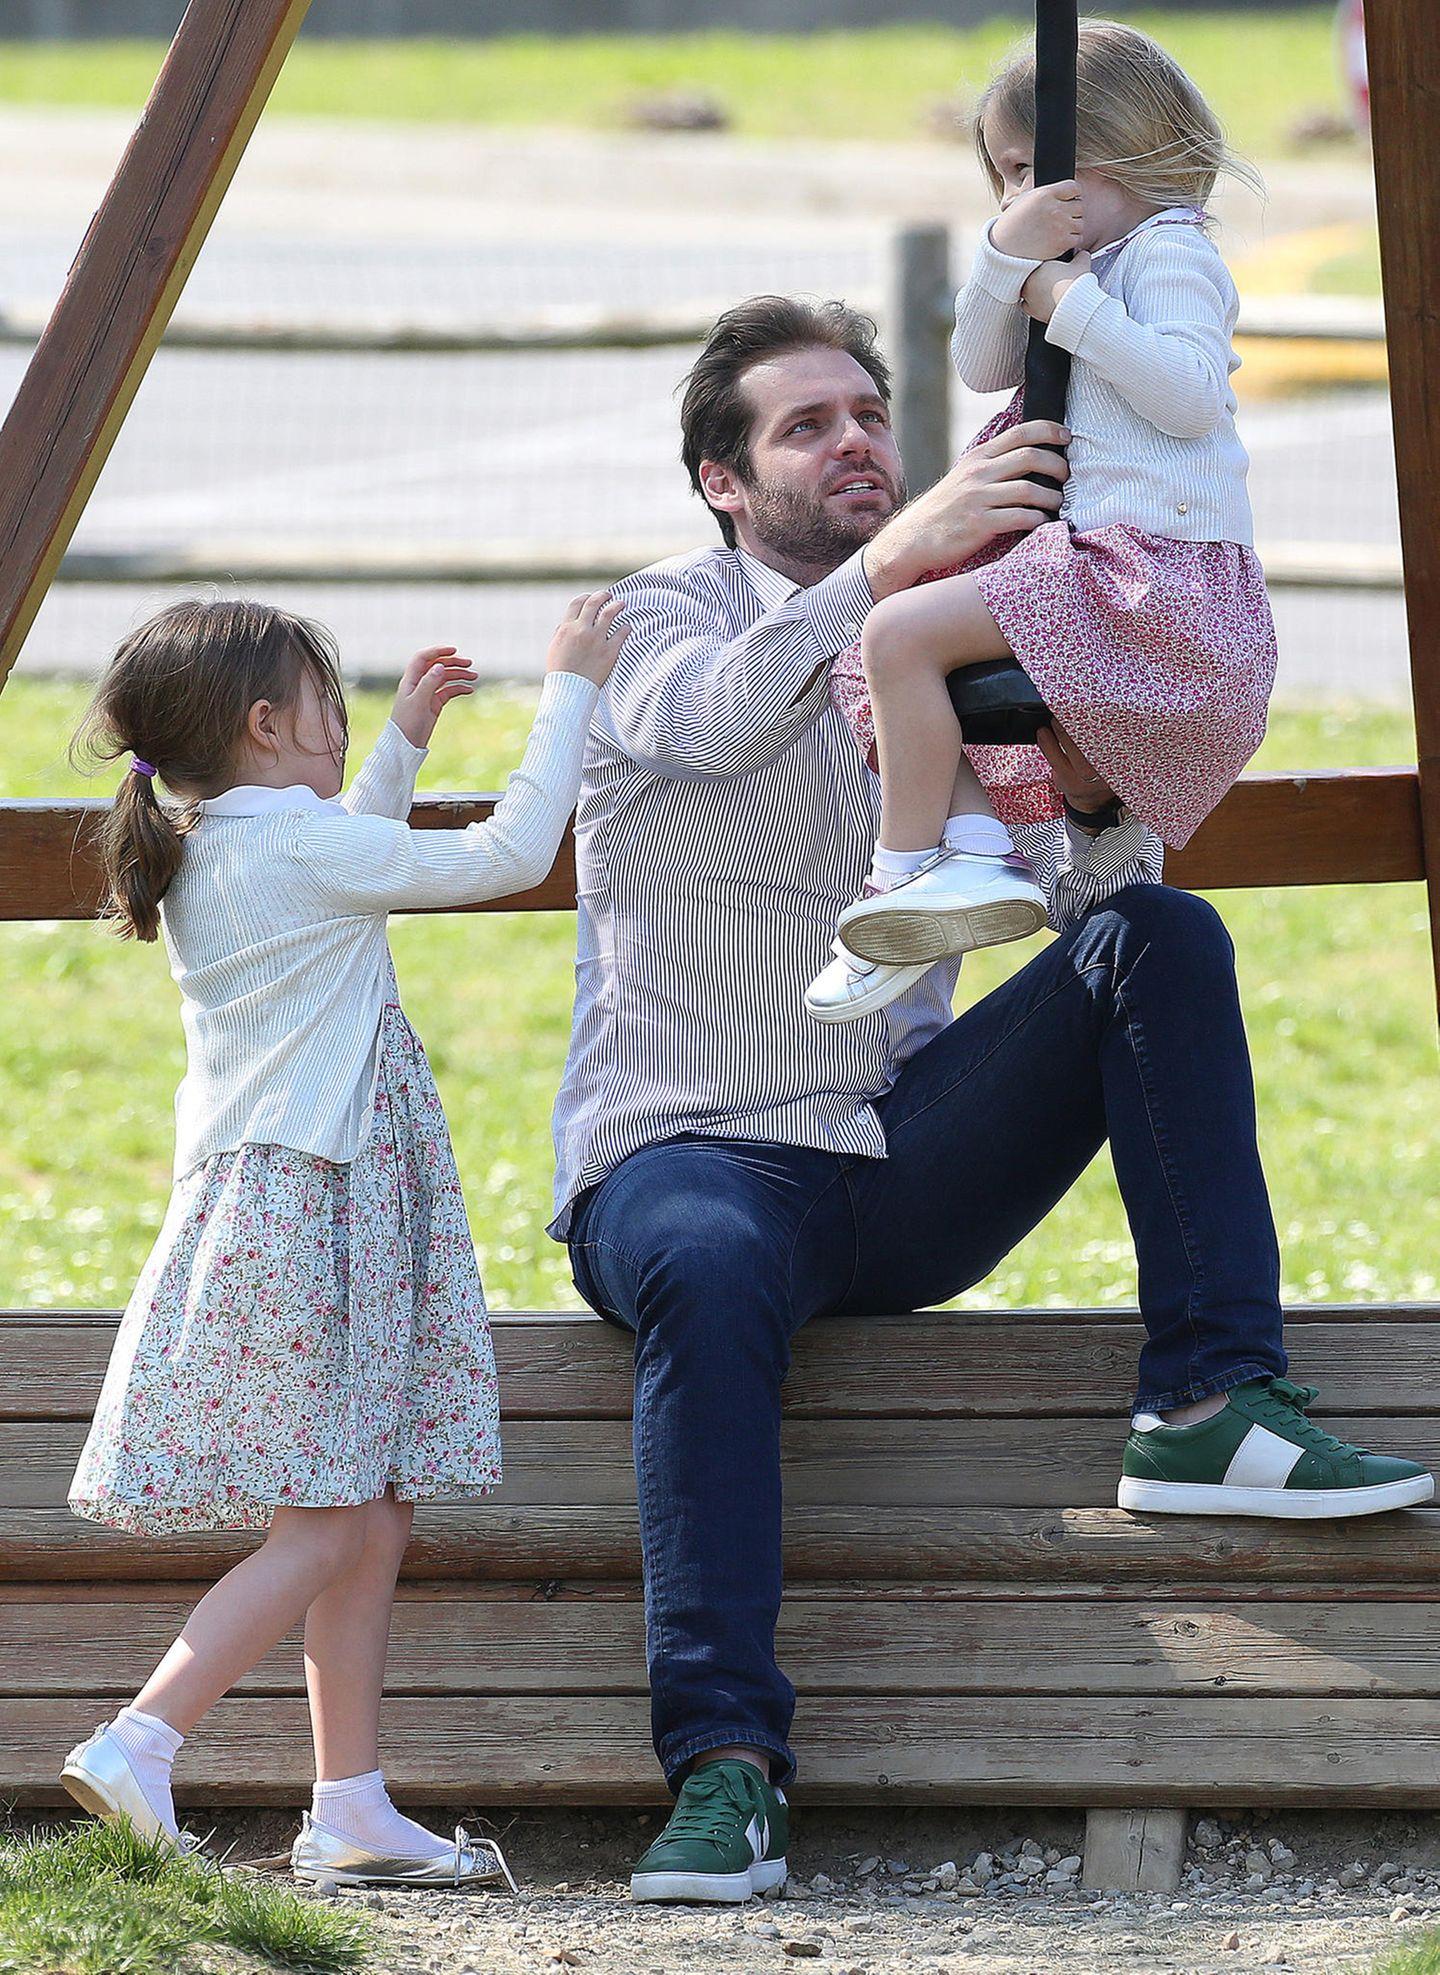 Auch Ehemann und Papa Tomaso Trussadi verausgabt sich an der Seilbahn. Die 4- und 5-jährigen Mädchen scheinen ihre Eltern ganz schön zu fordern ...